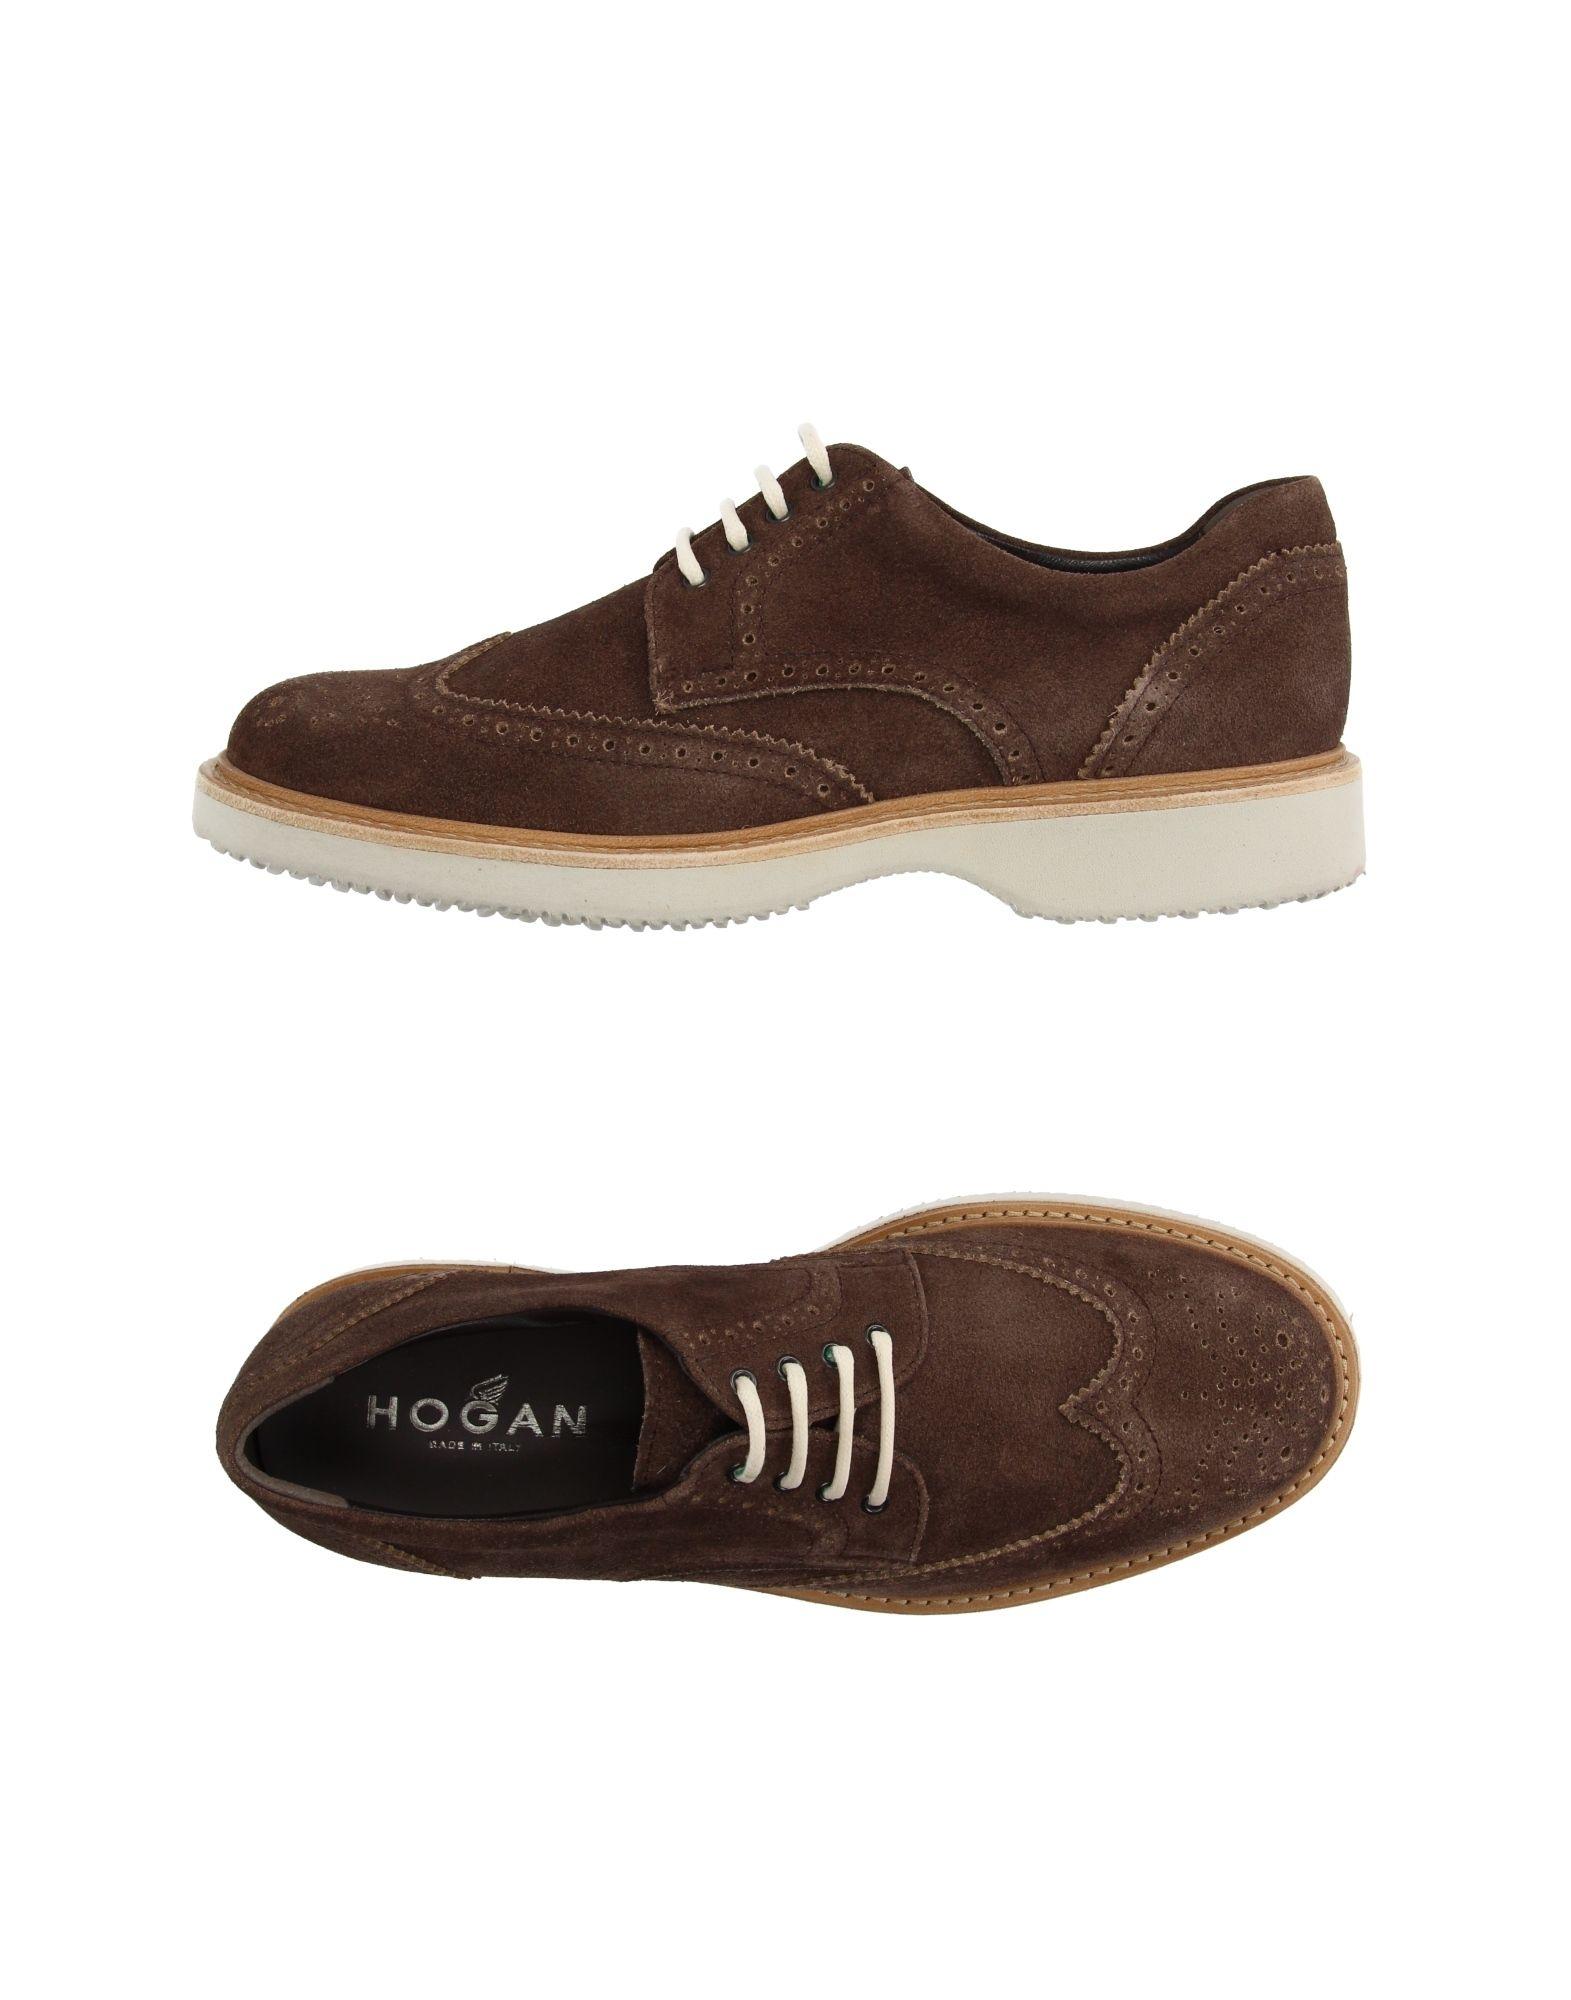 Hogan Schnürschuhe Herren  11167373TO Gute Qualität beliebte Schuhe